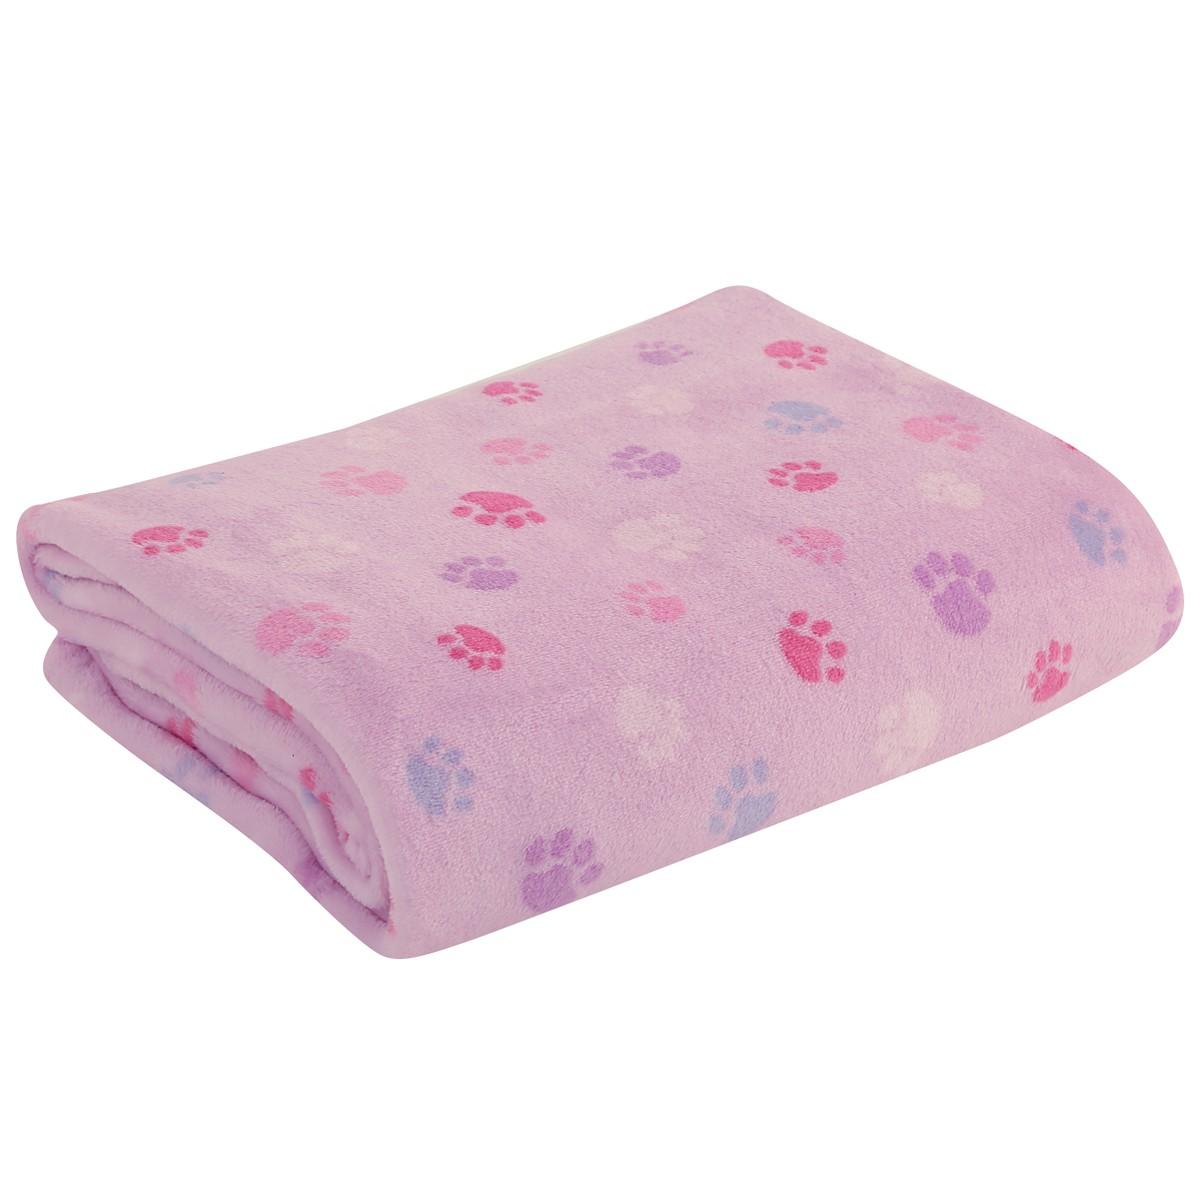 Κουβέρτα Fleece Αγκαλιάς Nef-Nef Baby Footprint Lilac 76061